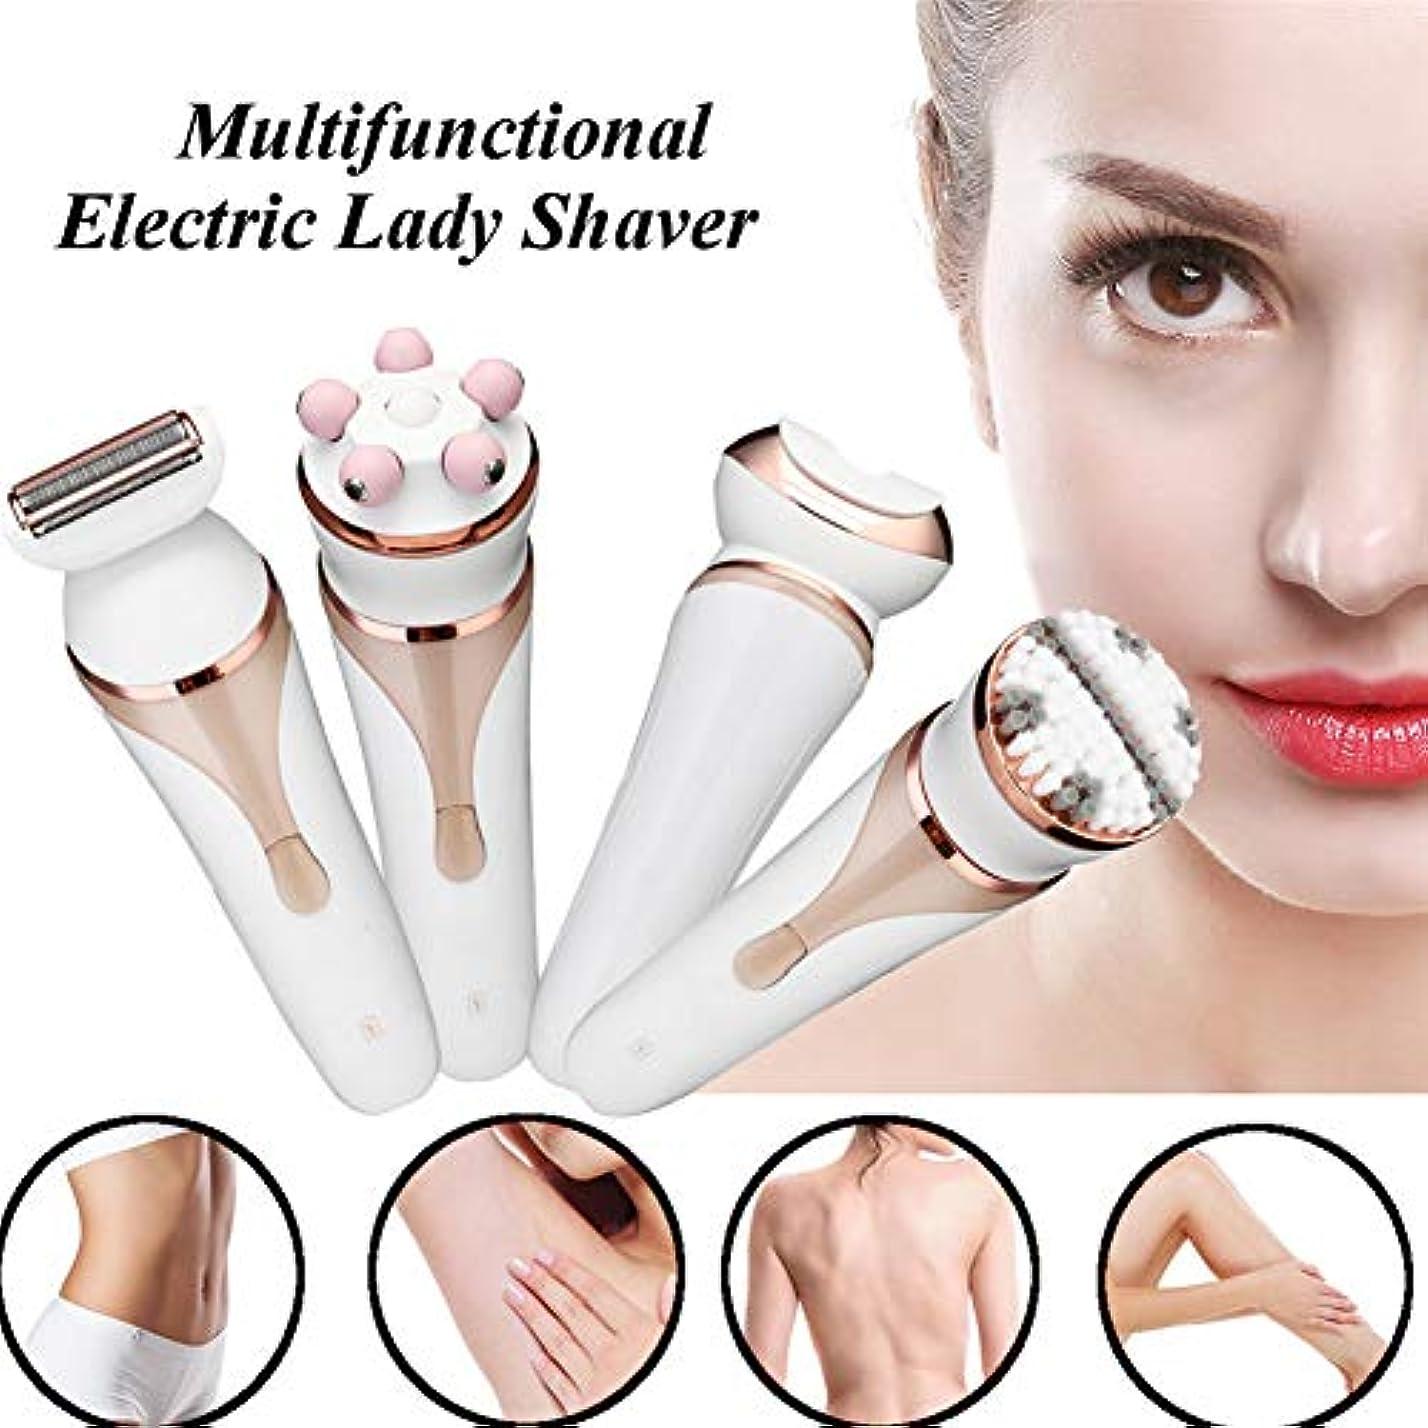 苦被る盲信女性の脱毛器、1に付き4電気防水全身の脱毛器女性の顔の足の脇の下の全身のトリムキットのビキニの毛の取り外し